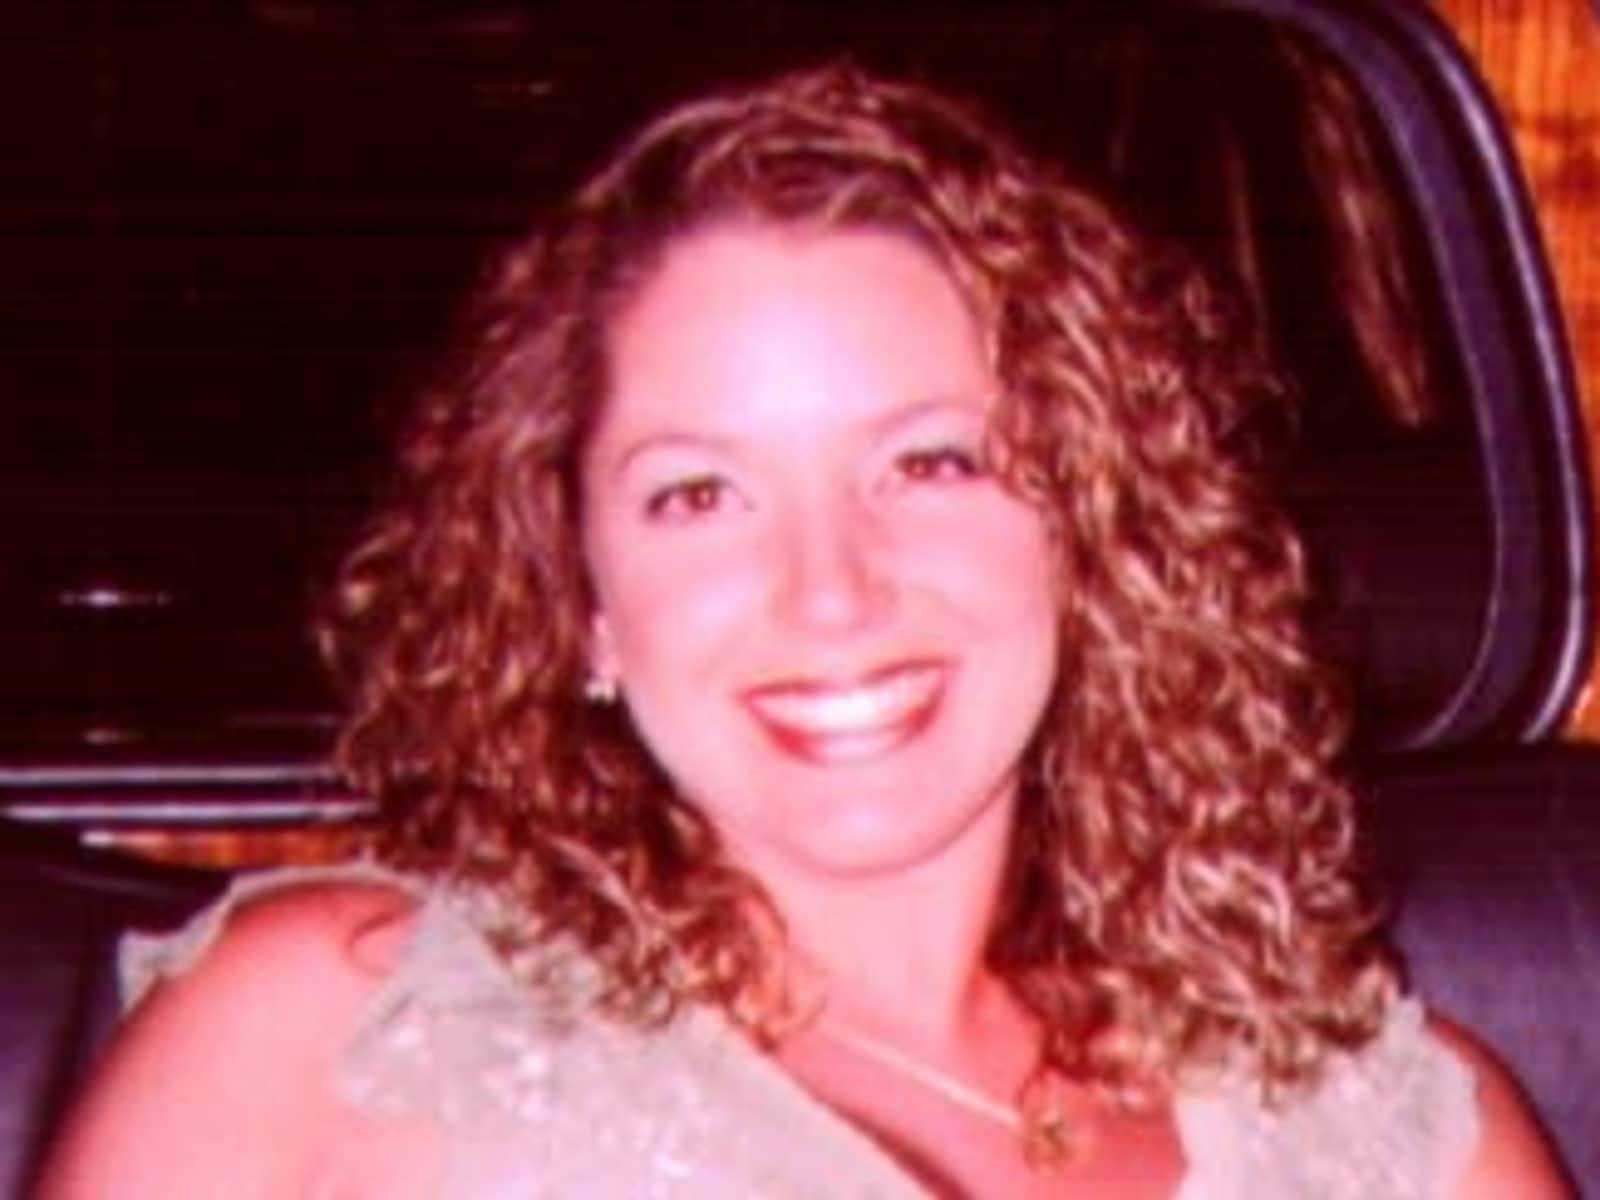 Jennifer from Chicago, Illinois, United States